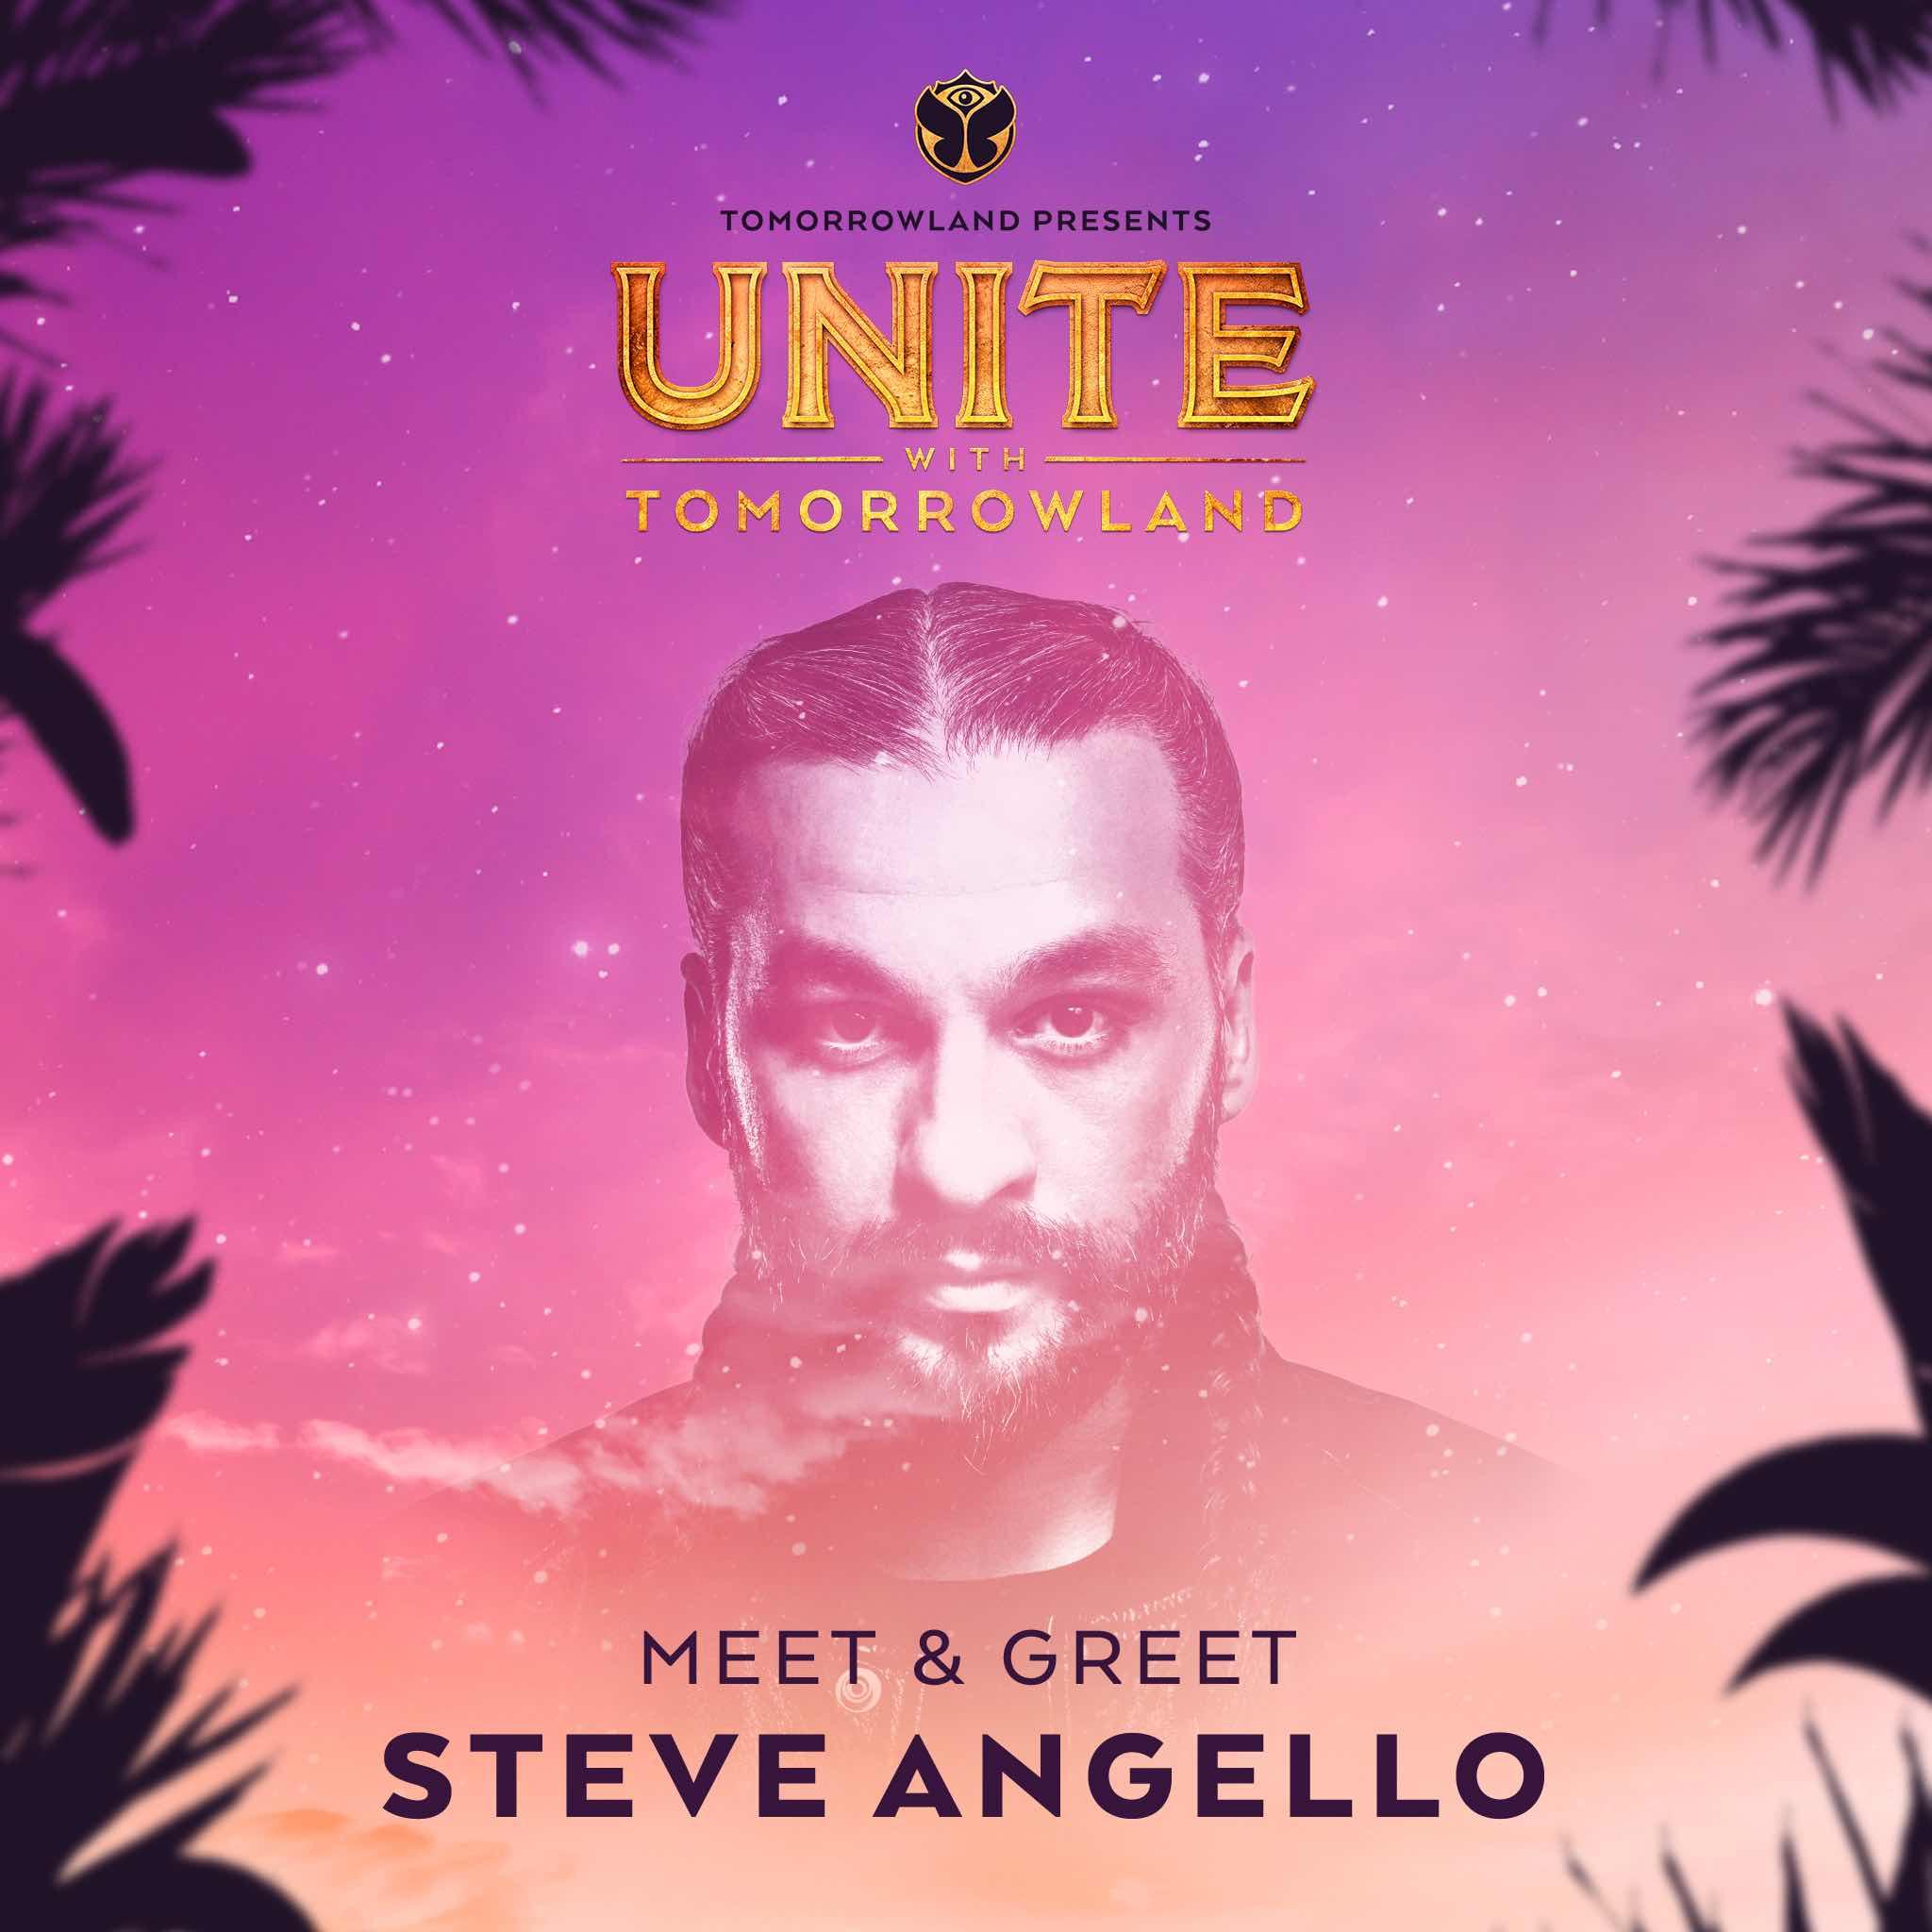 Meet & Greet con Steve Angello - Si querías conocer a Steve Angello, habrás participado a través de nuestras redes sociales.- Post en Instagram.Pues hemos reunido a todos los fanáticos del artista y un software se ha encargado de escoger un nombre aleatorio. Si este es tu nombre, es que te hemos enviado un correo con las instrucciones. ¡Nos vemos en UNITE!Ganadores:🏆@yocki_combalia18 (a través del Instagram)@sergi1175 (a través del Instagram)